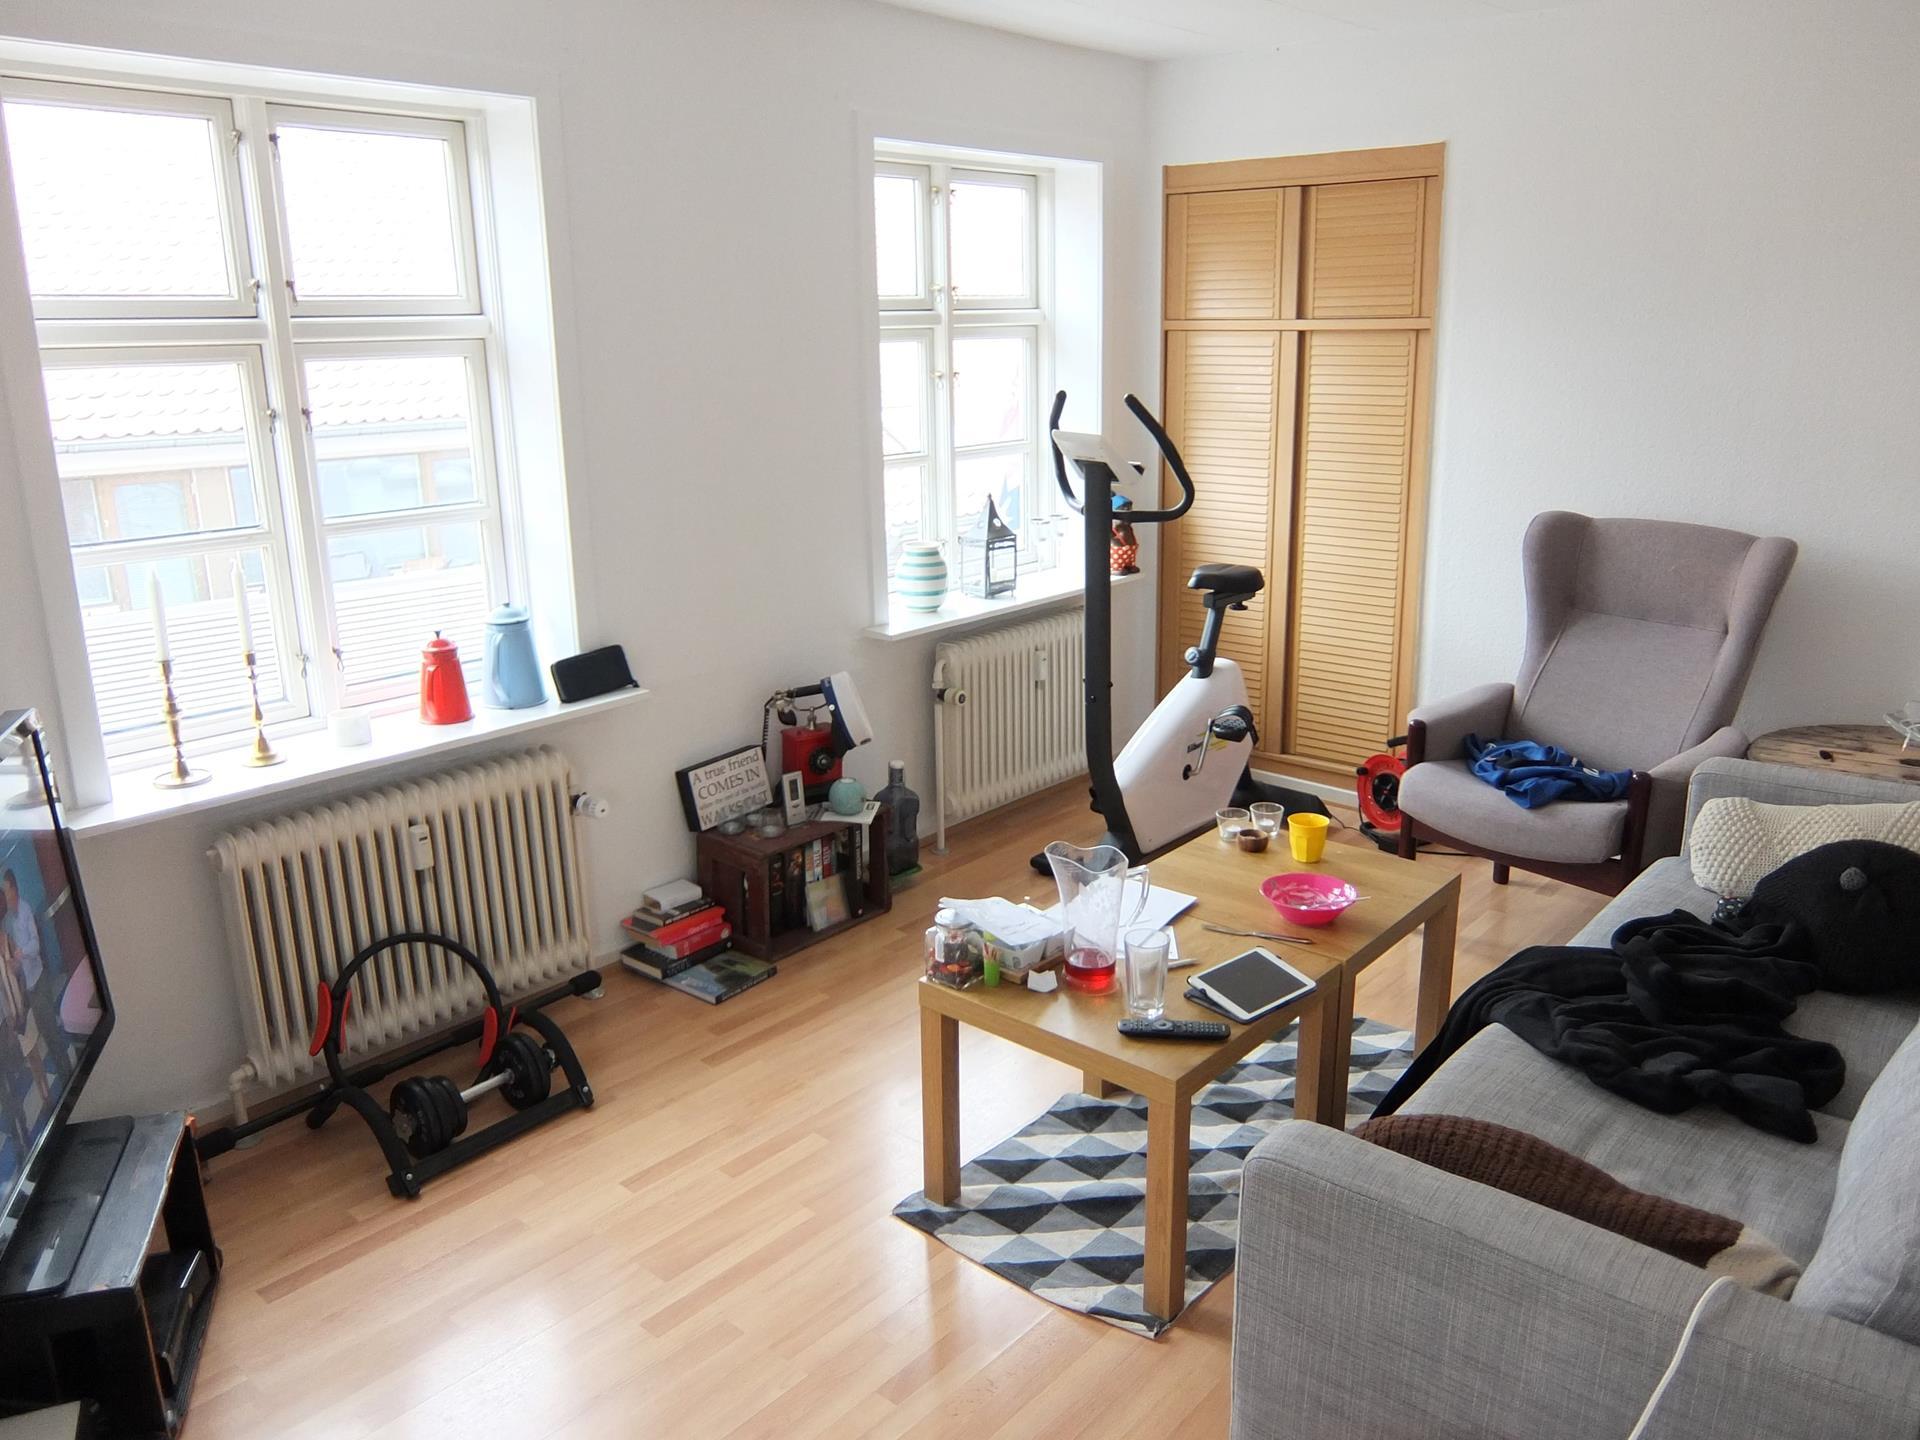 Bolig/erhverv på Vestergade i Sæby - Stue